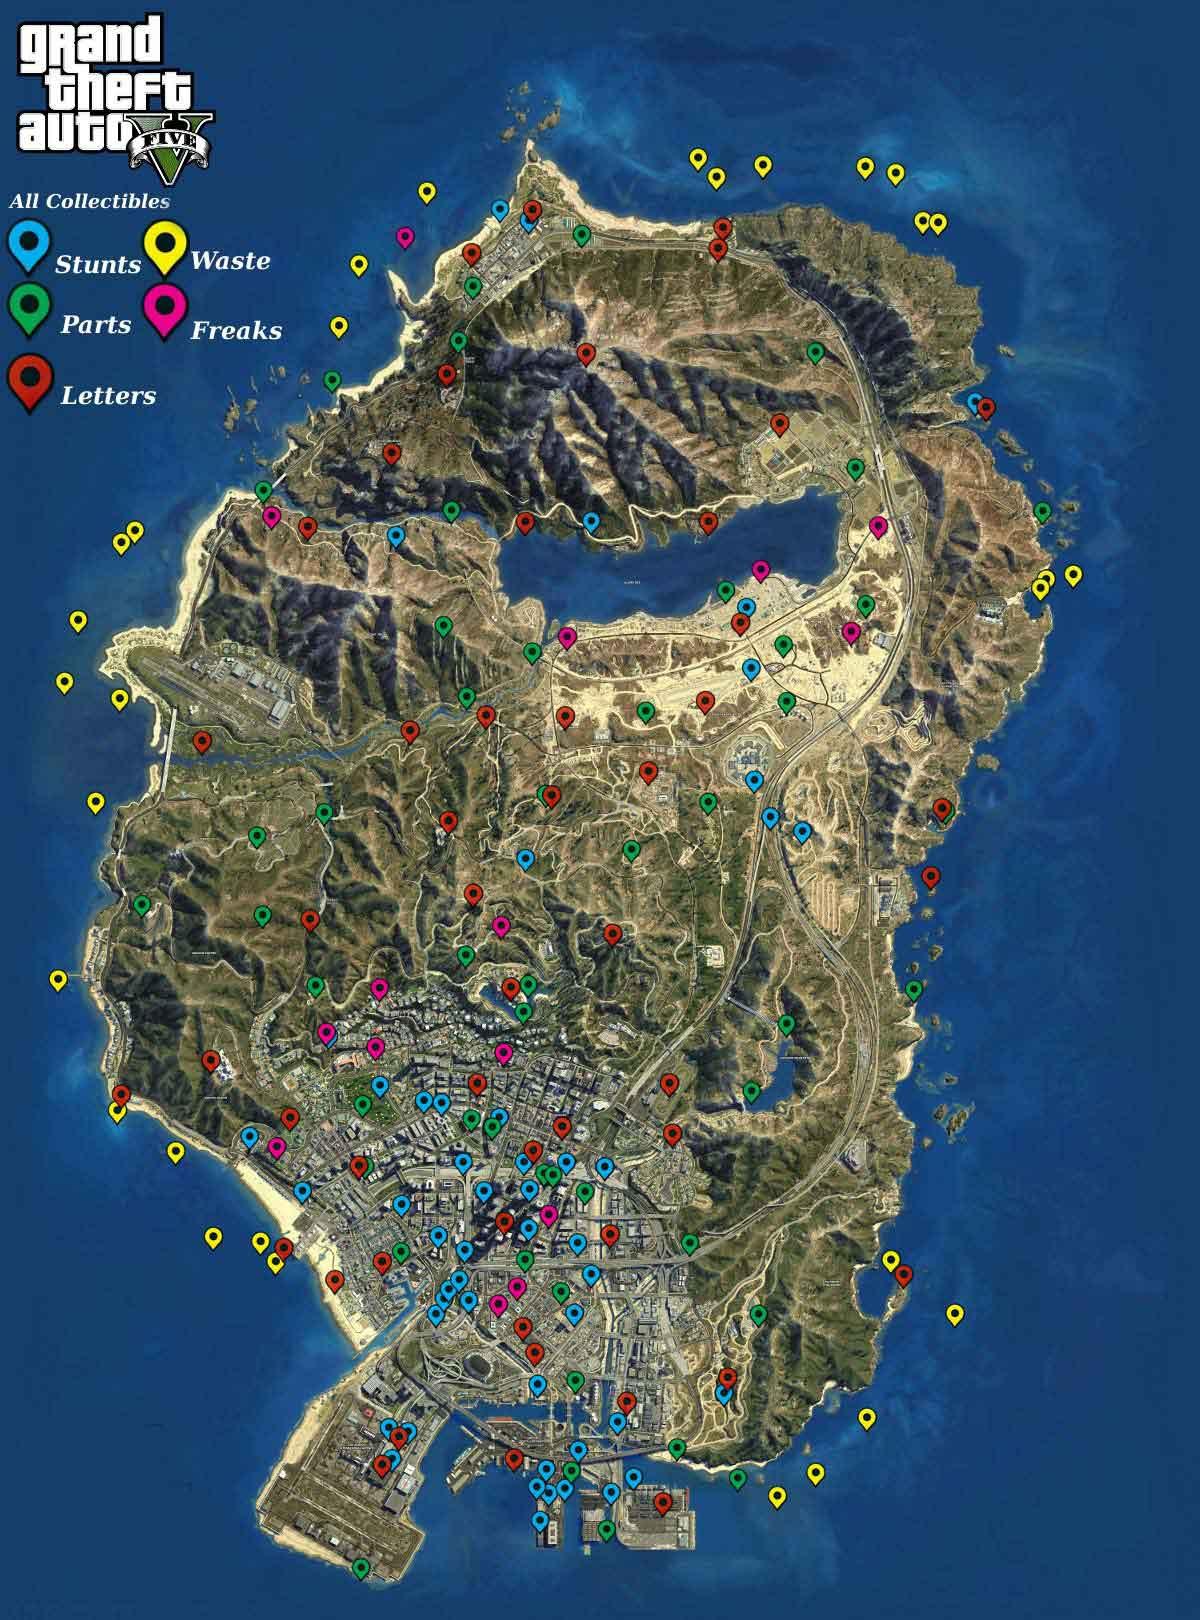 Grand Theft Auto 5 Ps4 Code Price Comparison